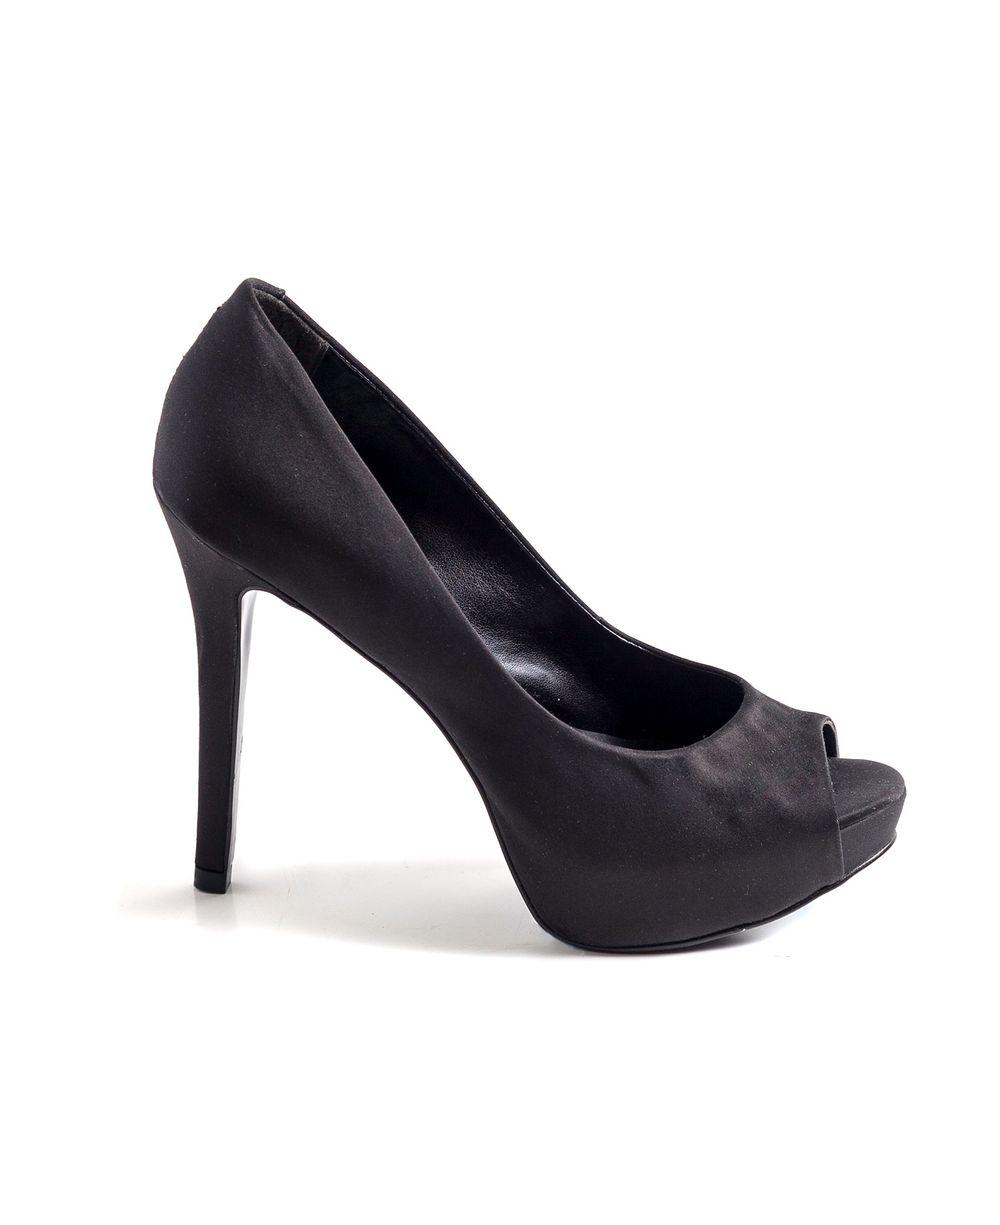 a6ad50a3cb Saltos My Shoes - TVZ loja oficial online